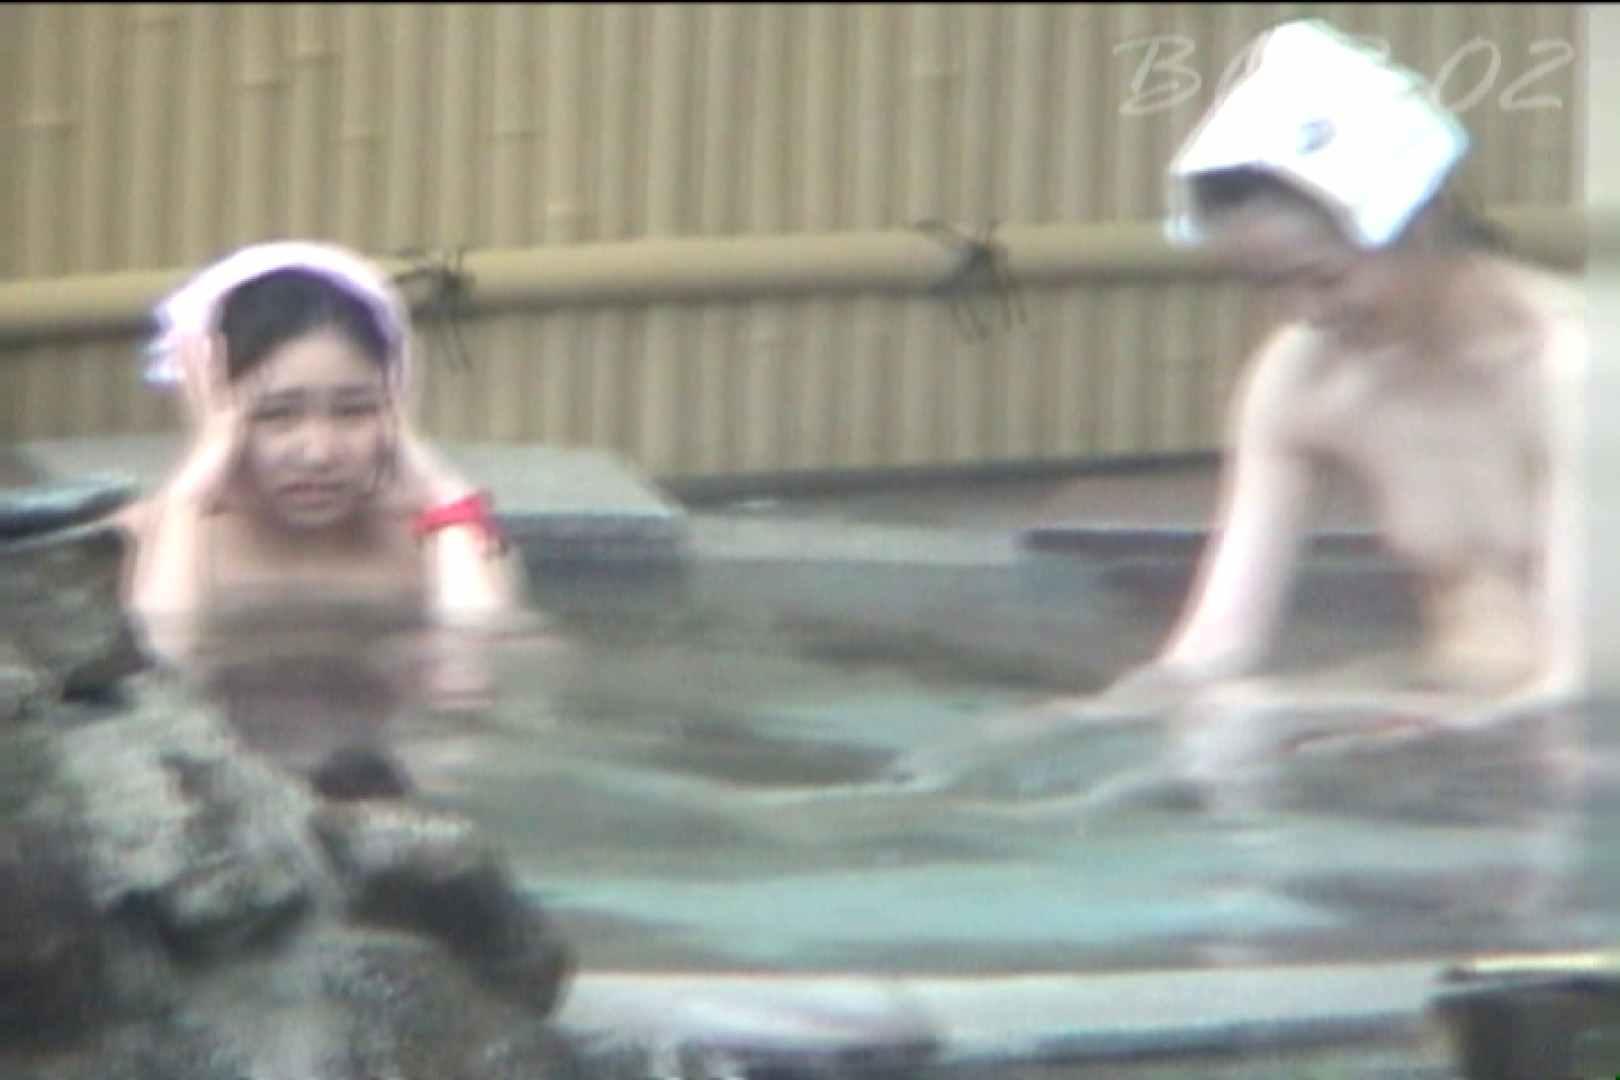 Aquaな露天風呂Vol.475 盗撮 セックス画像 96画像 68